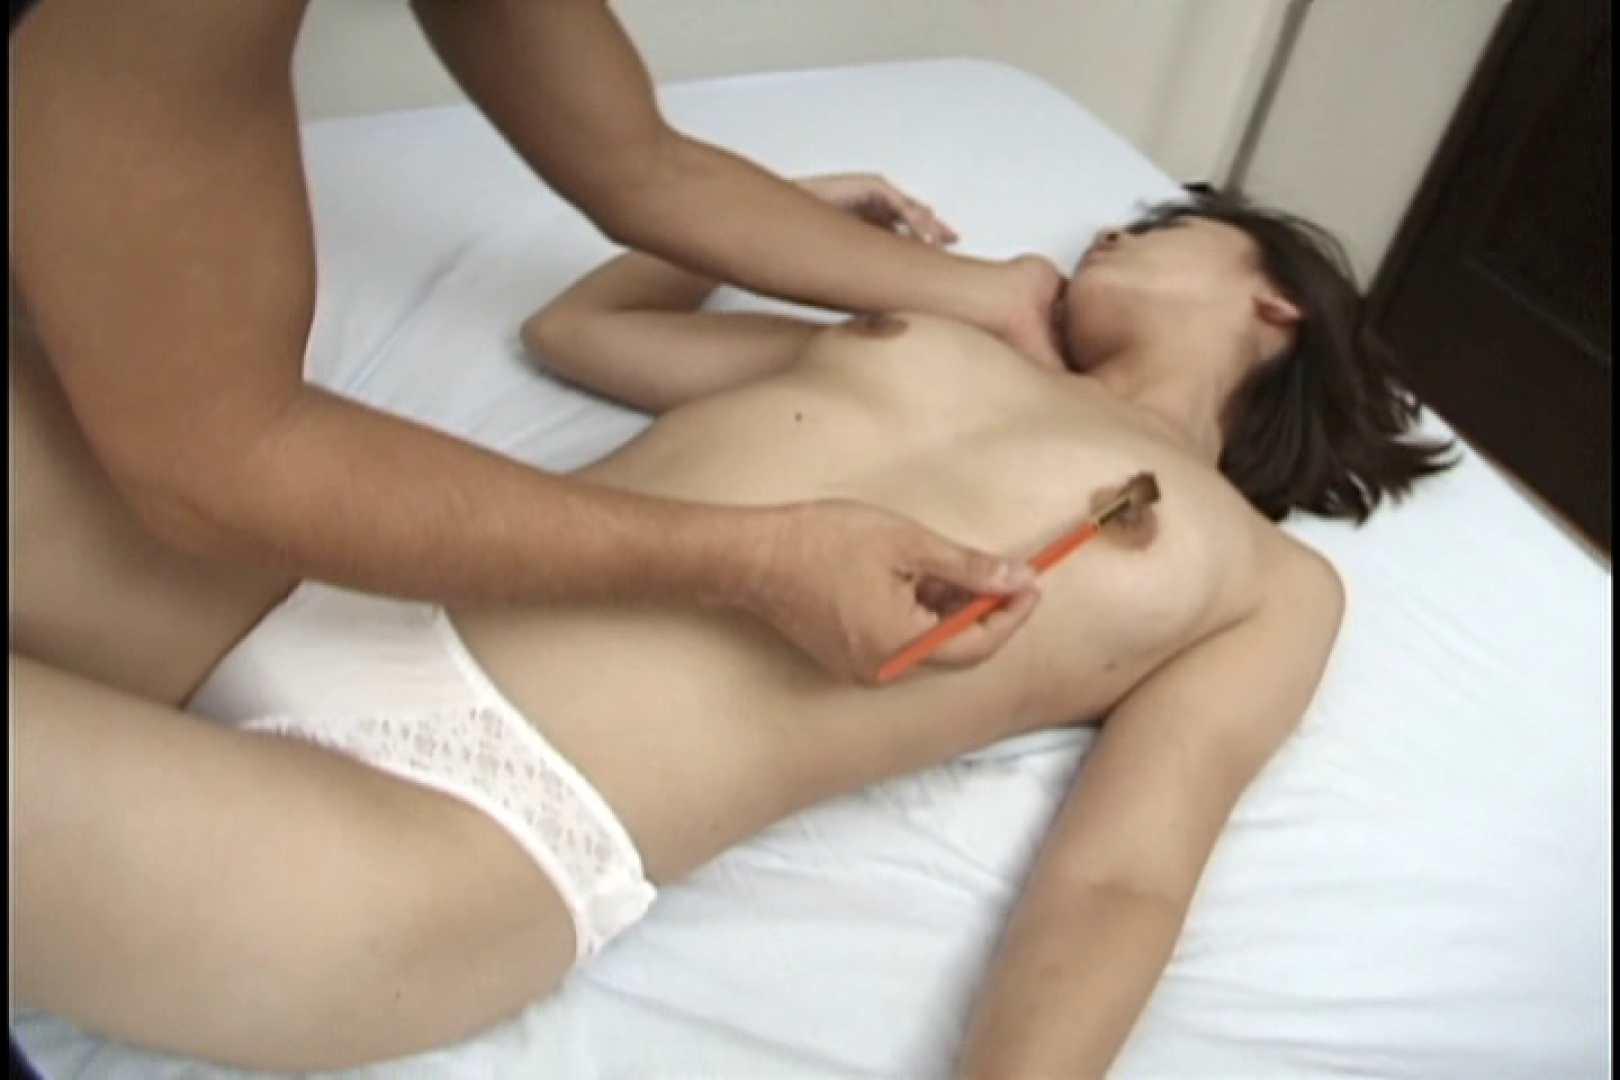 昼間の奥様は欲求不満 ~江口亜紀子~ ローター AV動画キャプチャ 101連発 44